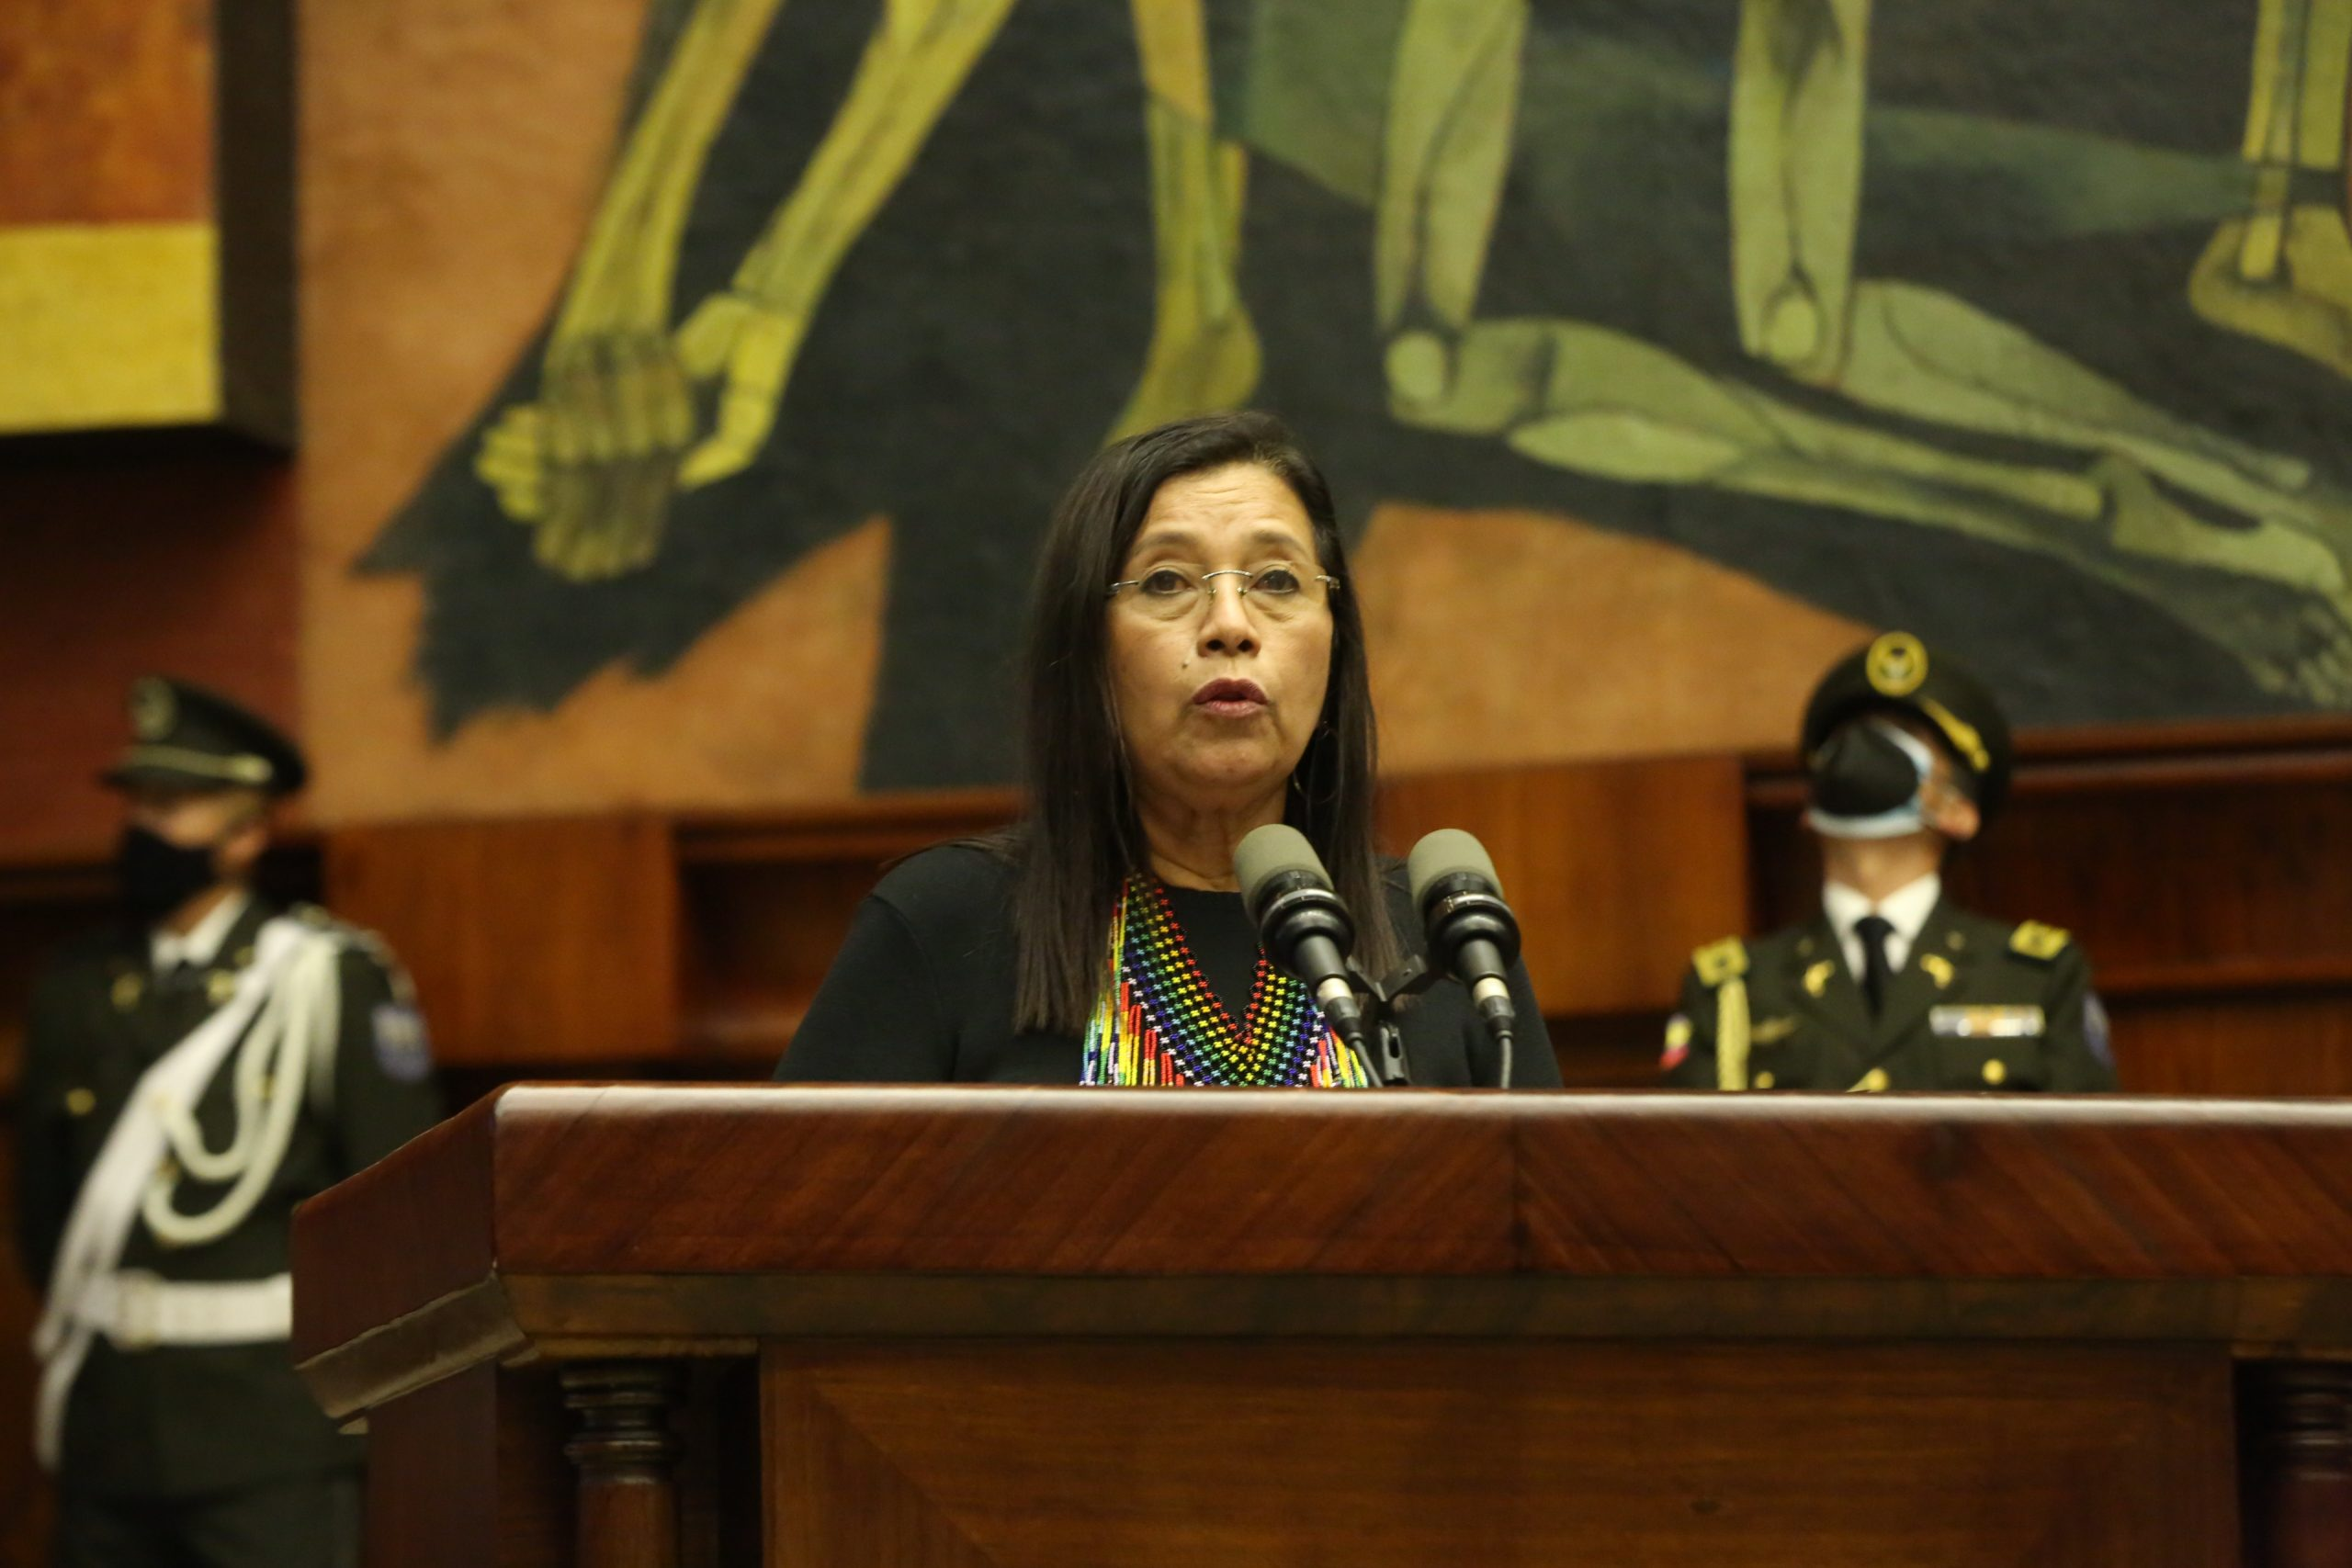 Guadalupe Llori es la primera mujer indígena en presidir el Parlamento de Ecuador